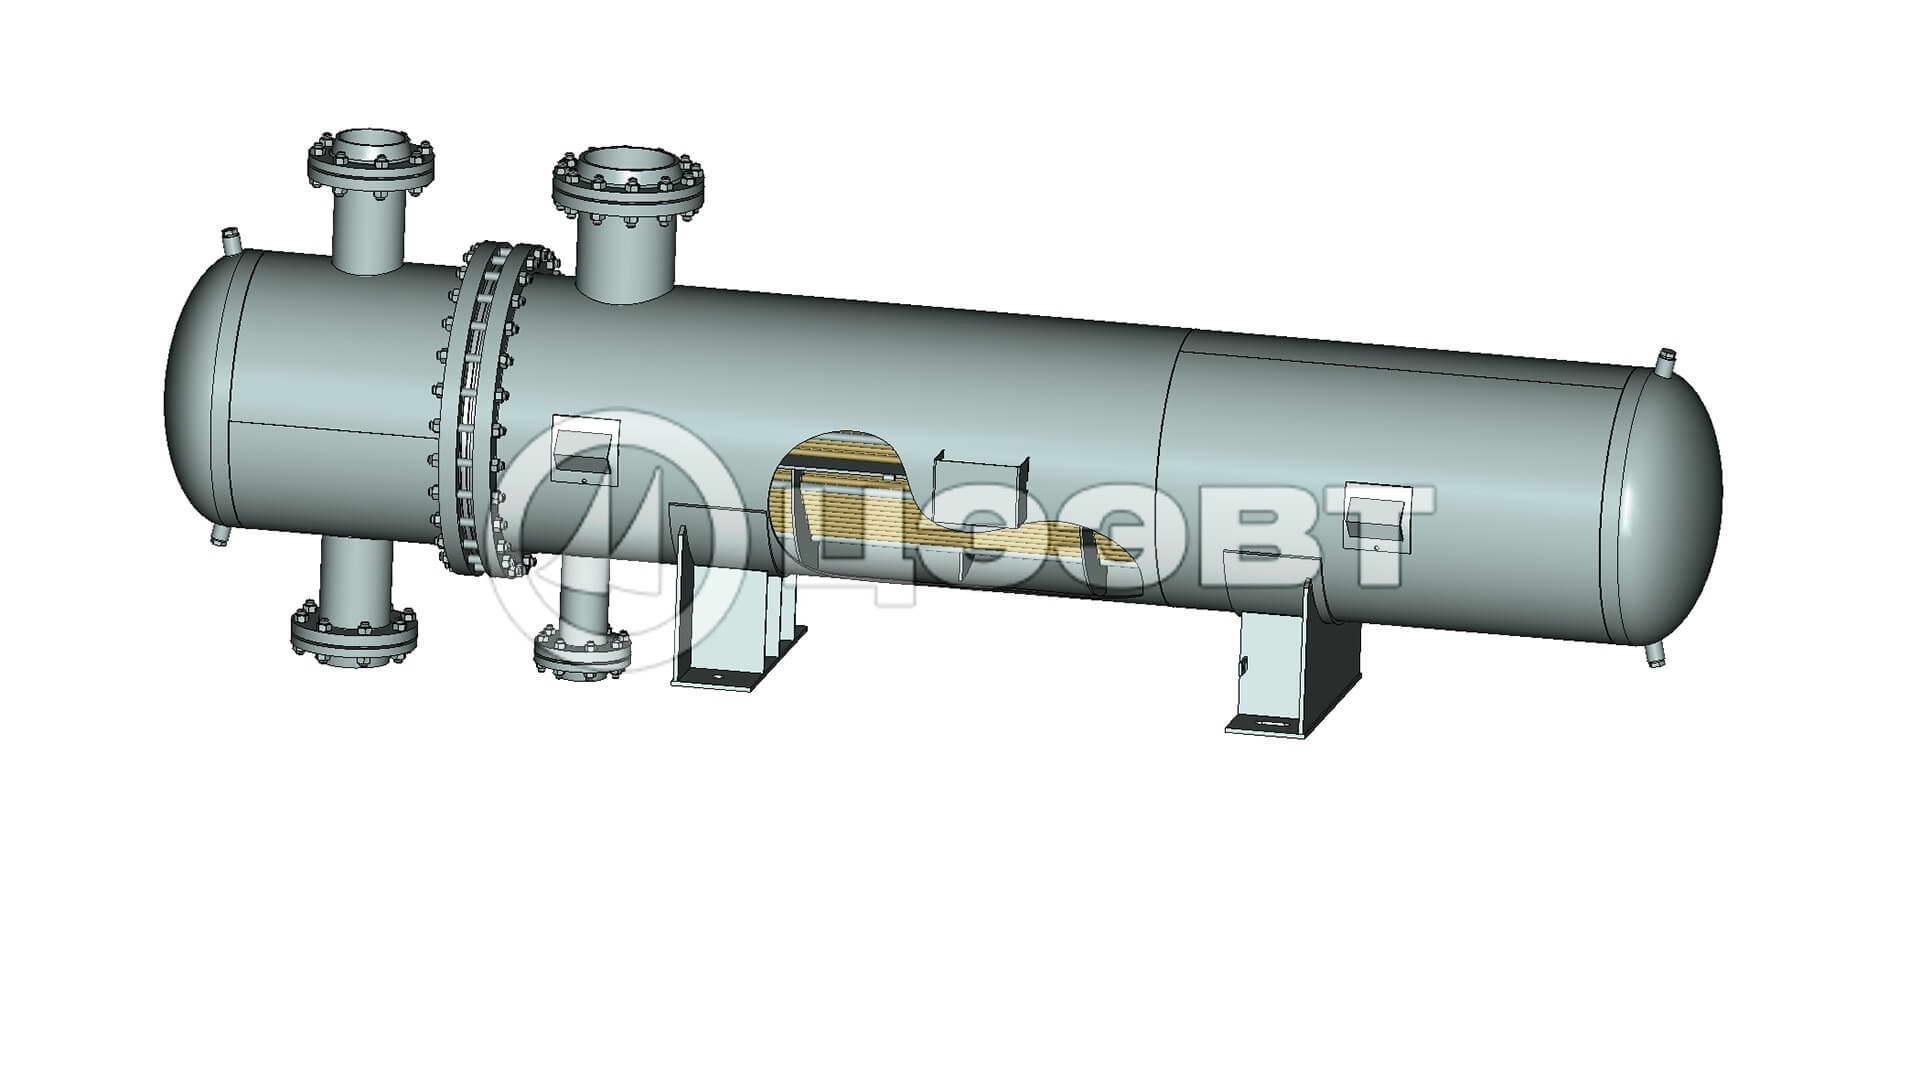 Характеристики кожухотрубного теплообменника Пластинчатый теплообменник HISAKA SX-93M Великий Новгород